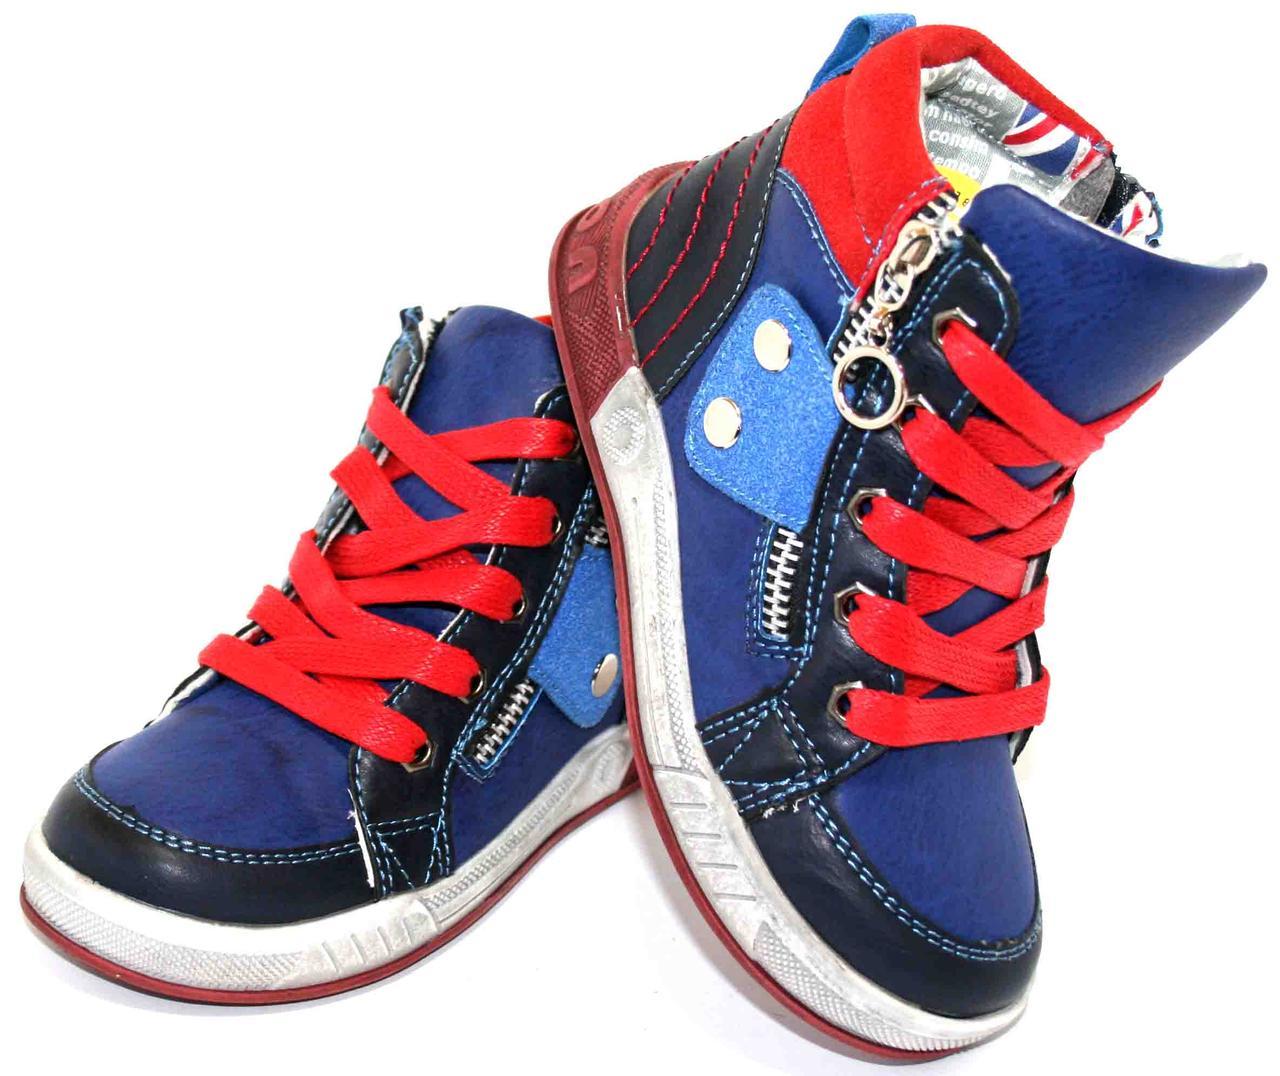 Детские ботинки для мальчика Clibee Польша размеры 27-32